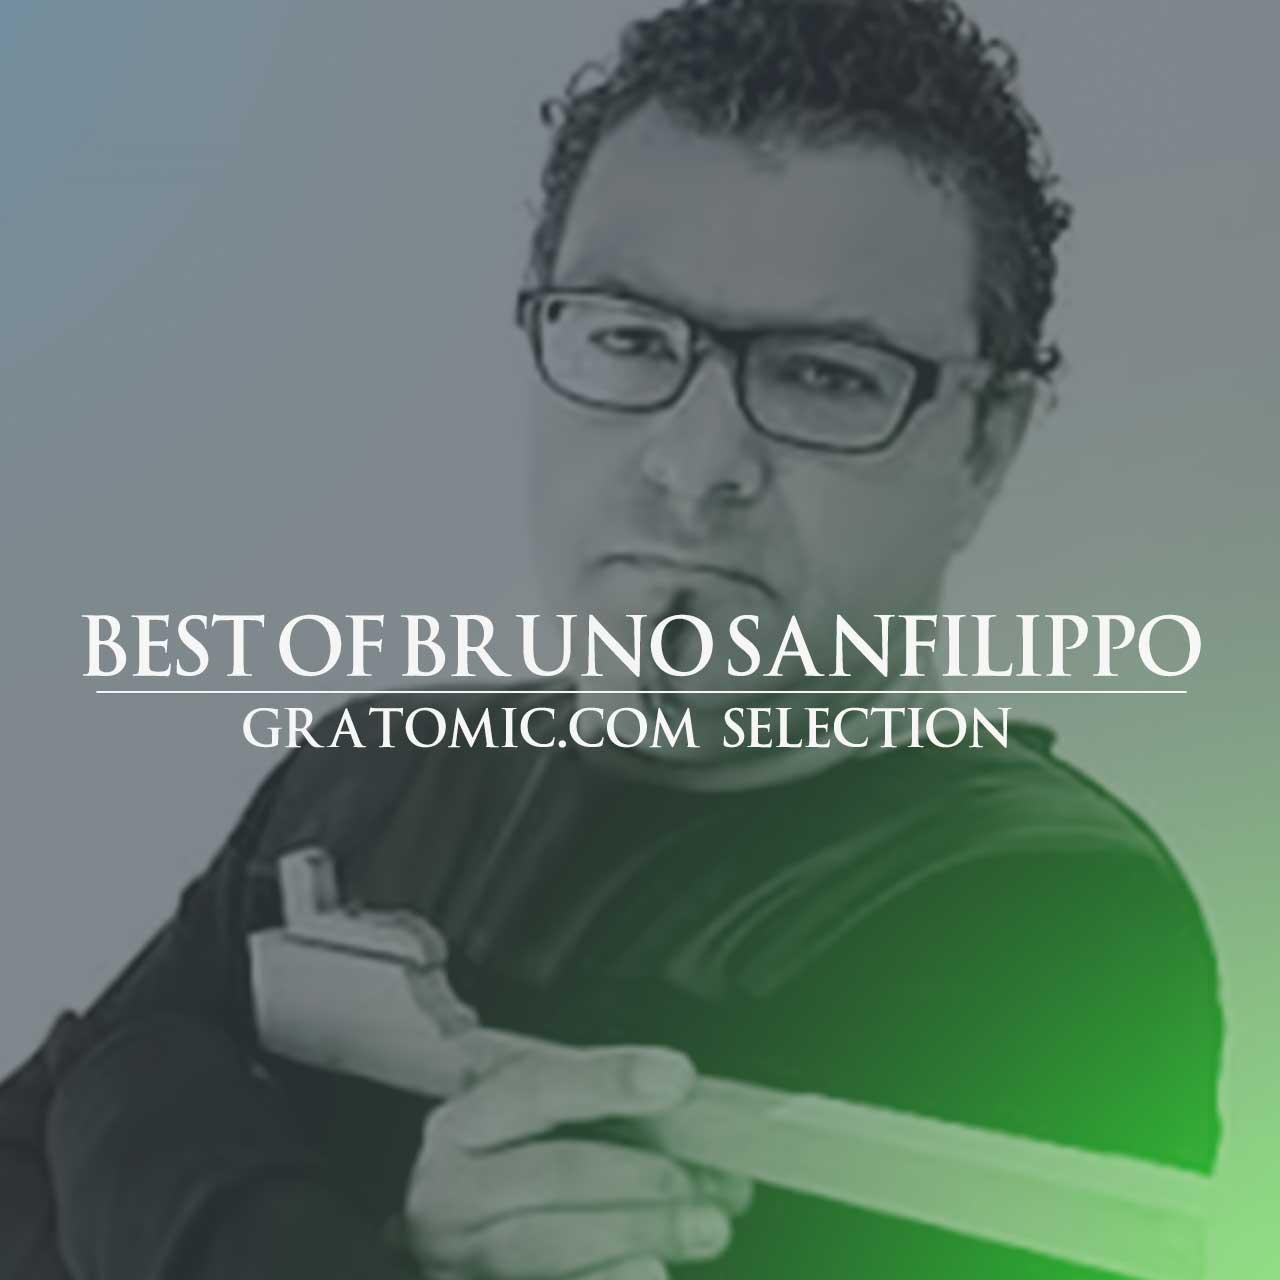 دانلود بهترین آهنگ های برونو سانفیلیپو